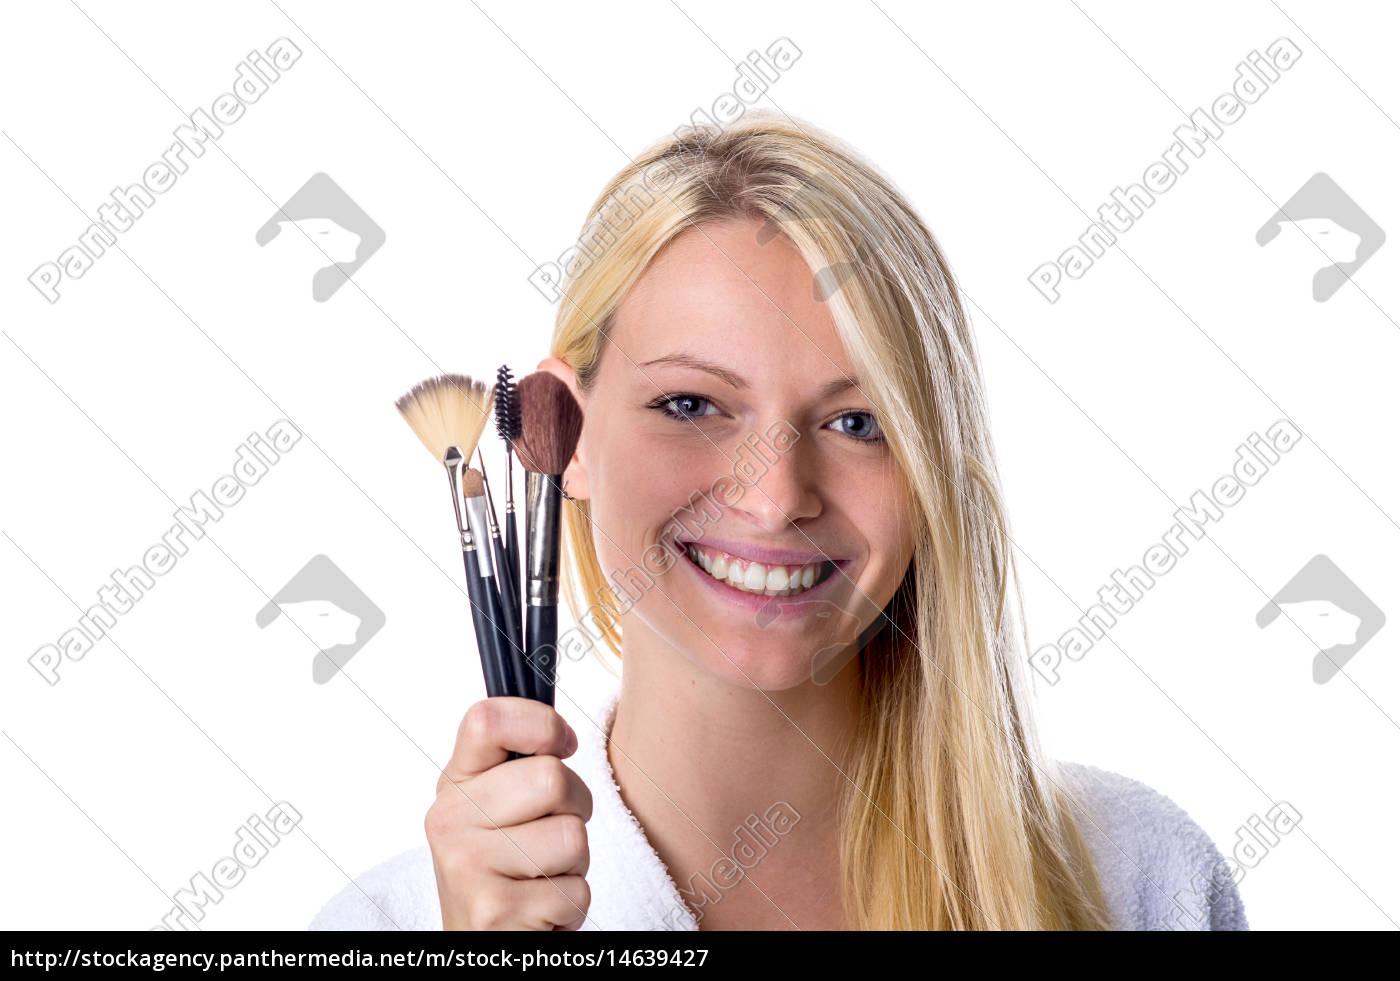 ung, kvinde, med, makeup, børste, i - 14639427